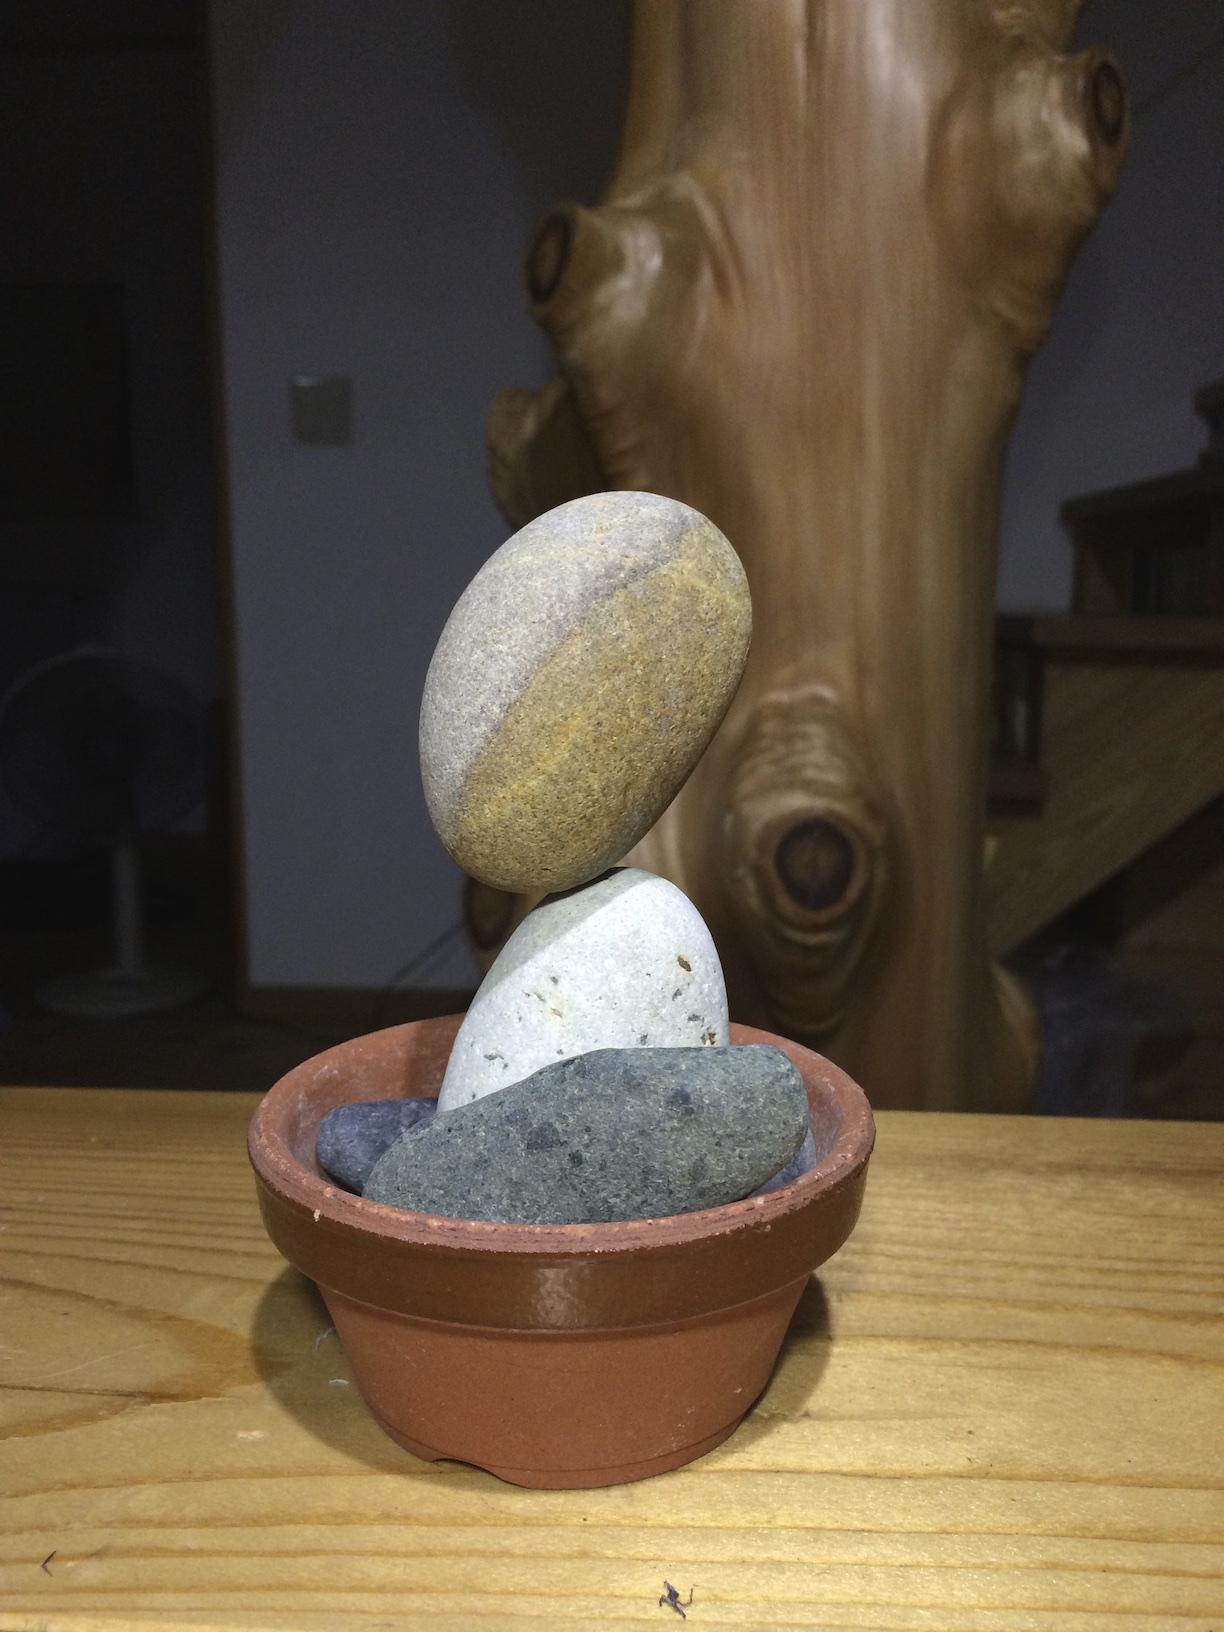 丸石は楽しい